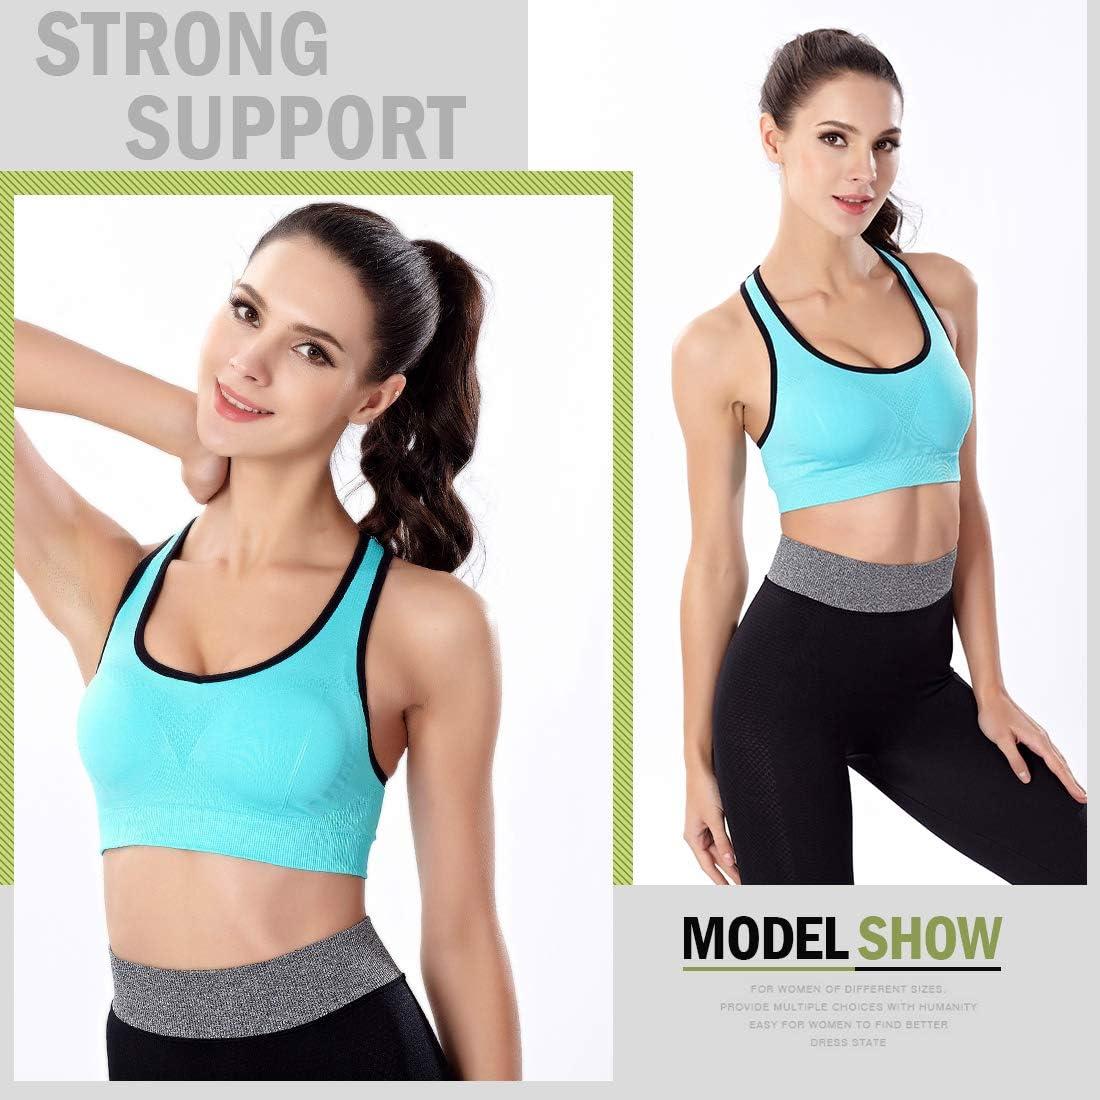 NEWHEY Sujetador Deportivo para Mujer Talla Grande Sujetadores Deportivos Yoga Sport Bra Soporte Bralette Acolchado sin Aros Negro Gris Azul Pack L XL XXL